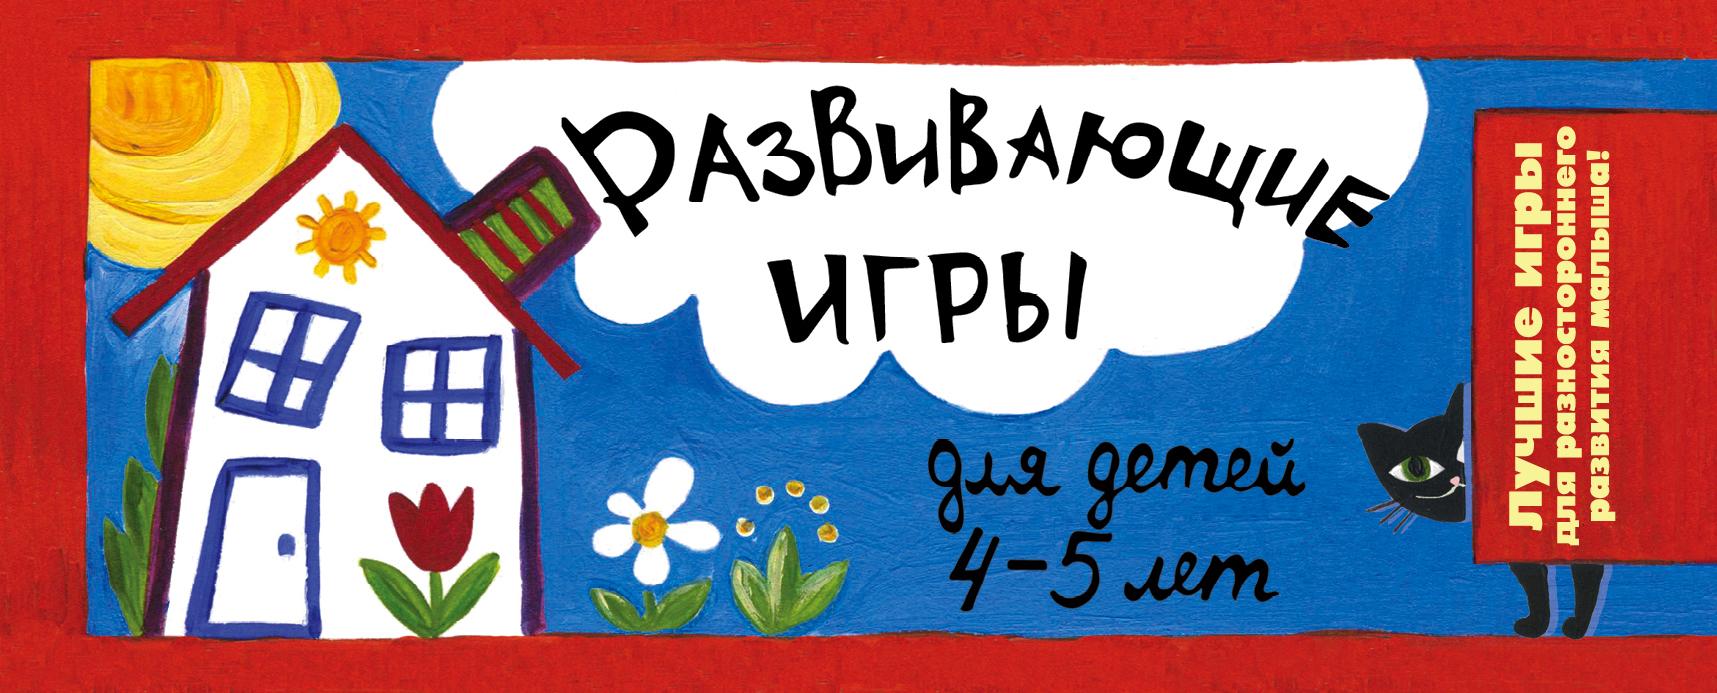 Парфенова И.И. Развивающие игры для детей 4-5 лет парфенова и и развивающие игры для детей 4 5 лет